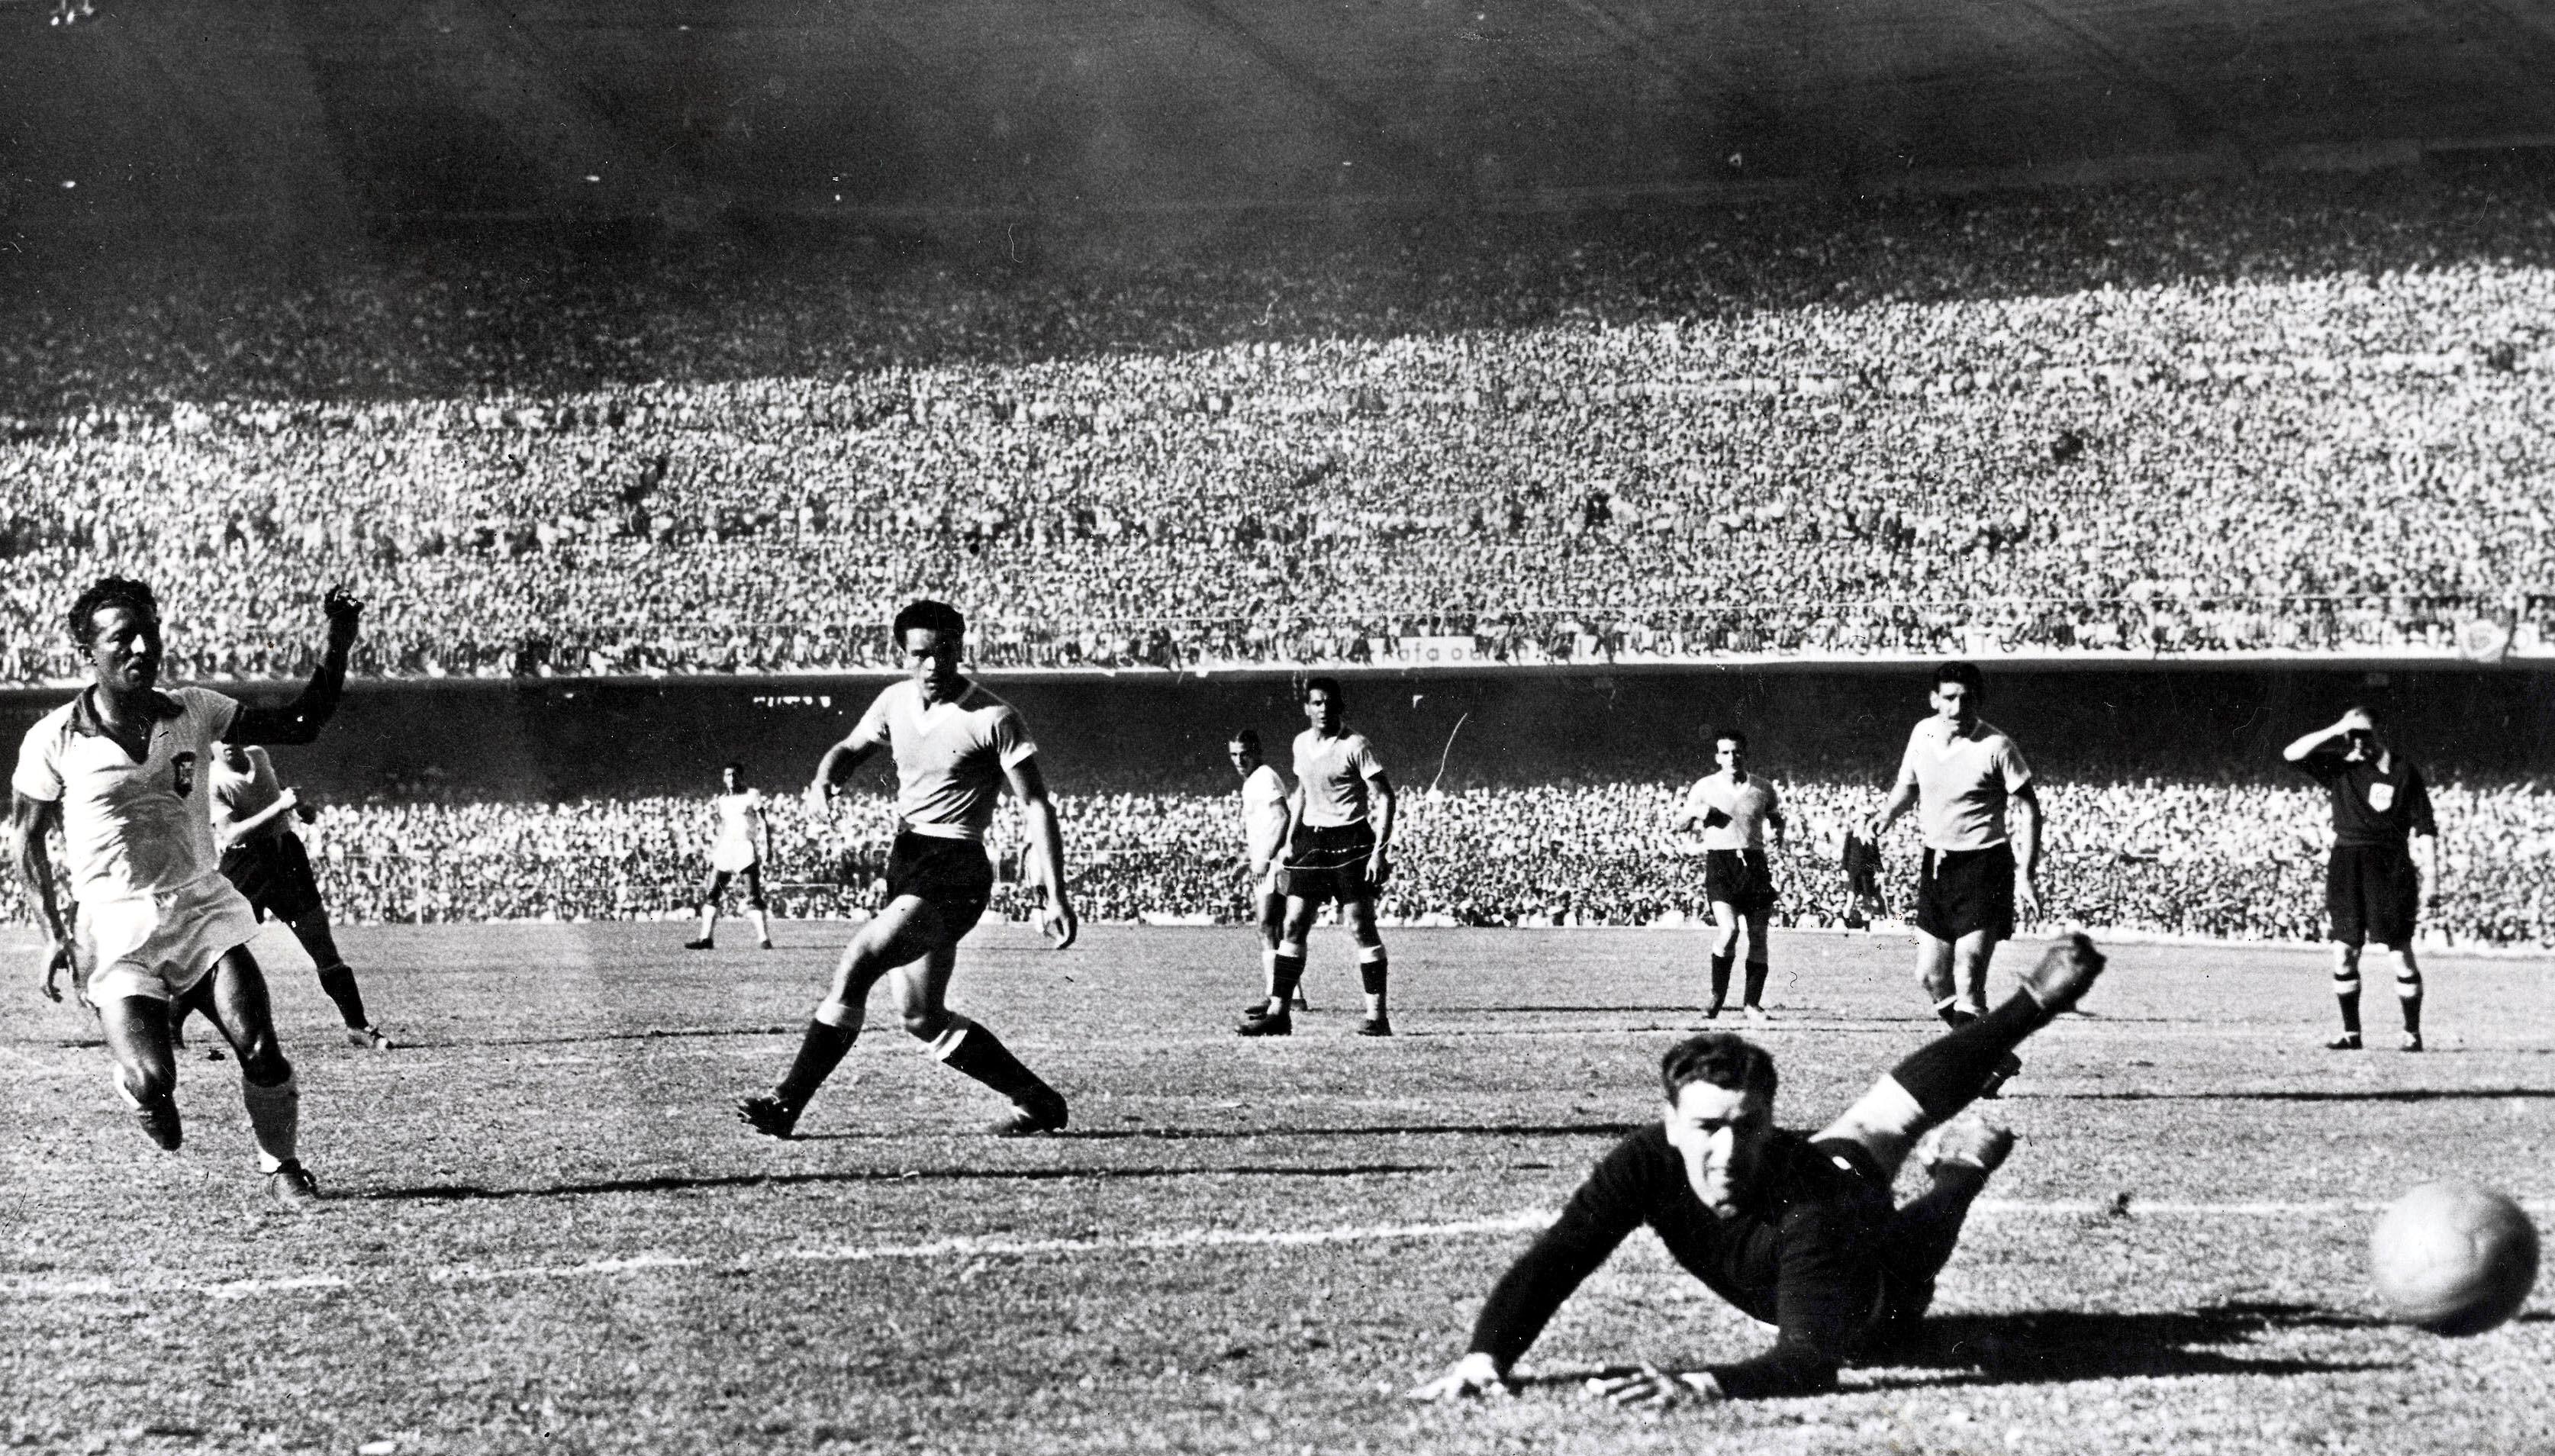 Бразилия - Уругвай 1950